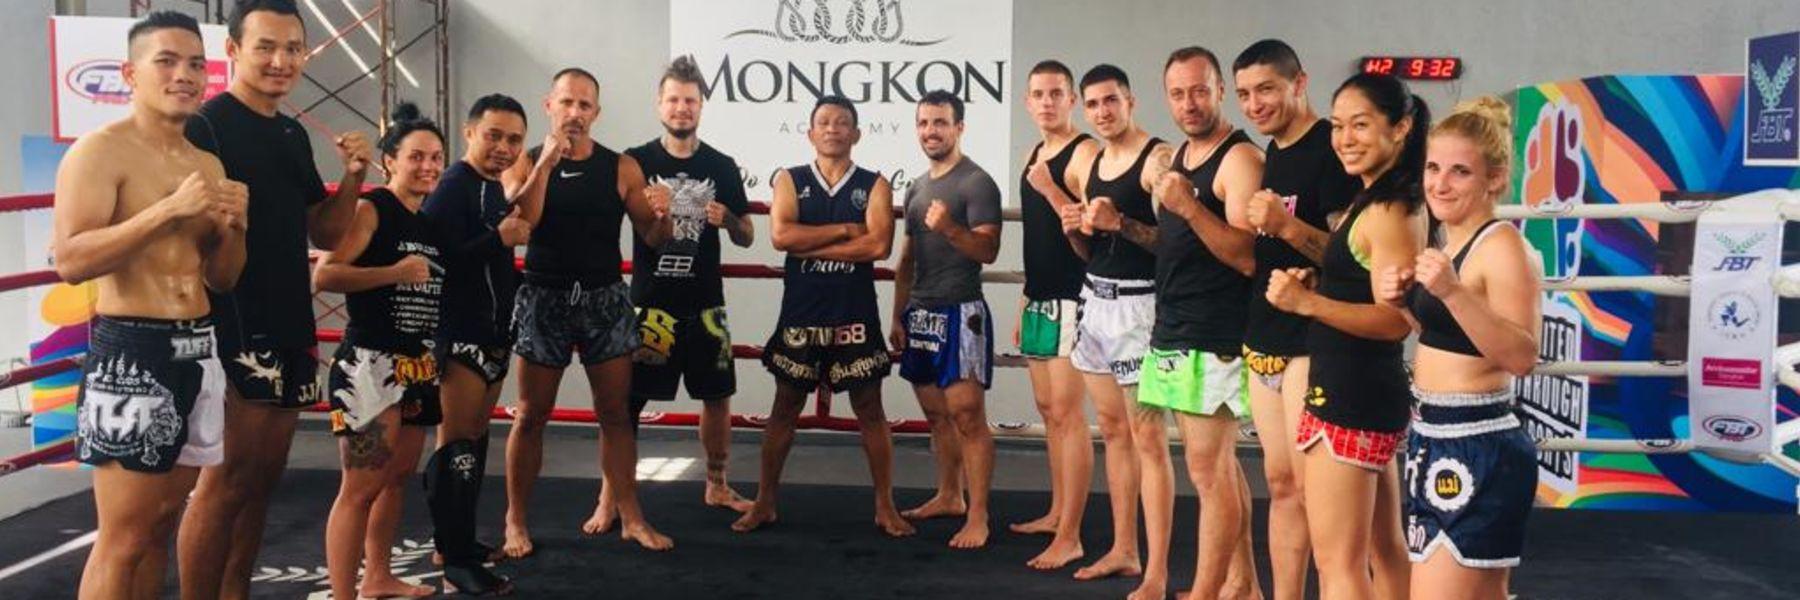 Mongkon Academy image